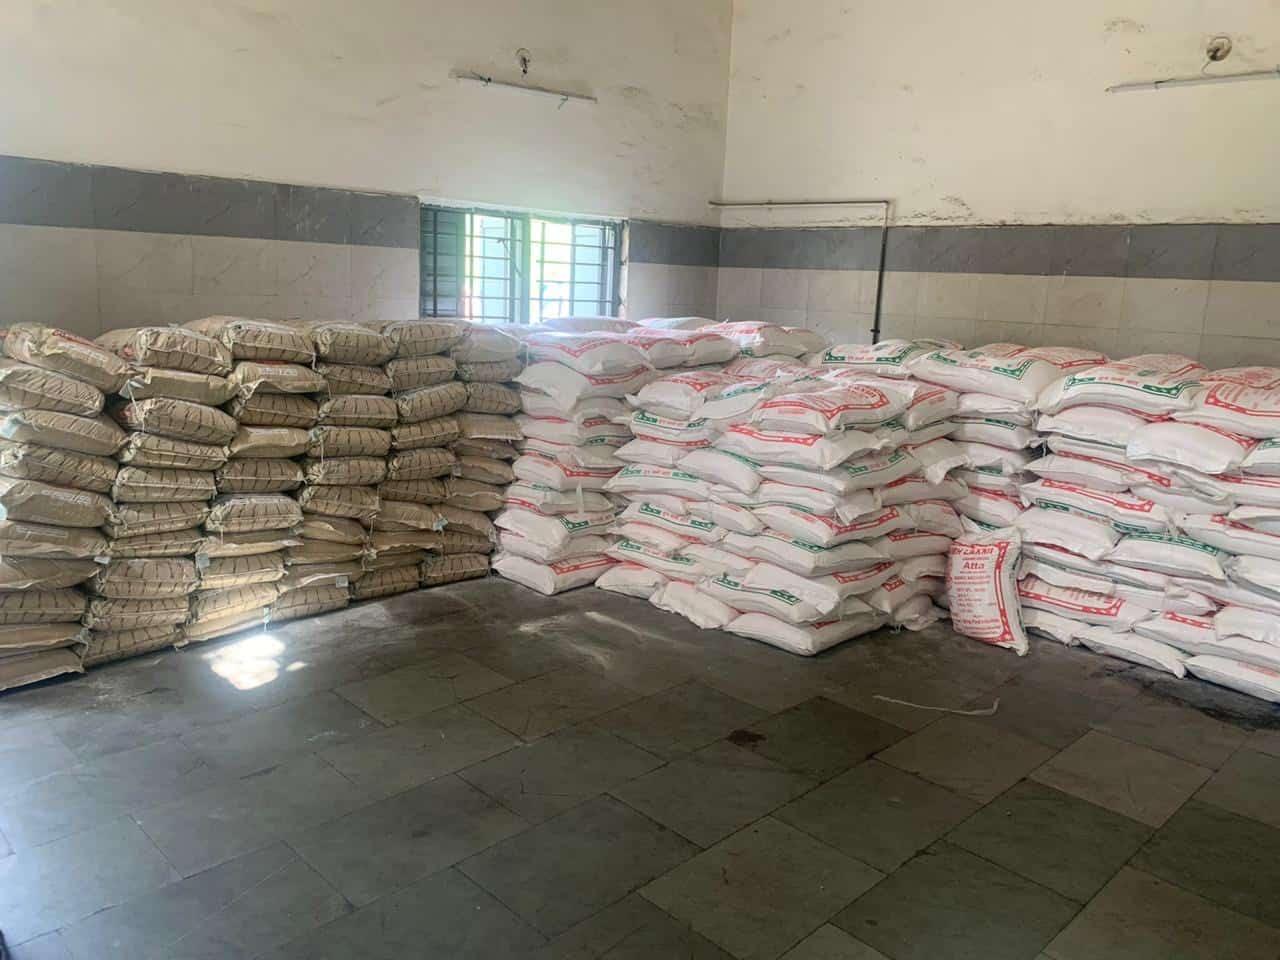 SRK food donation